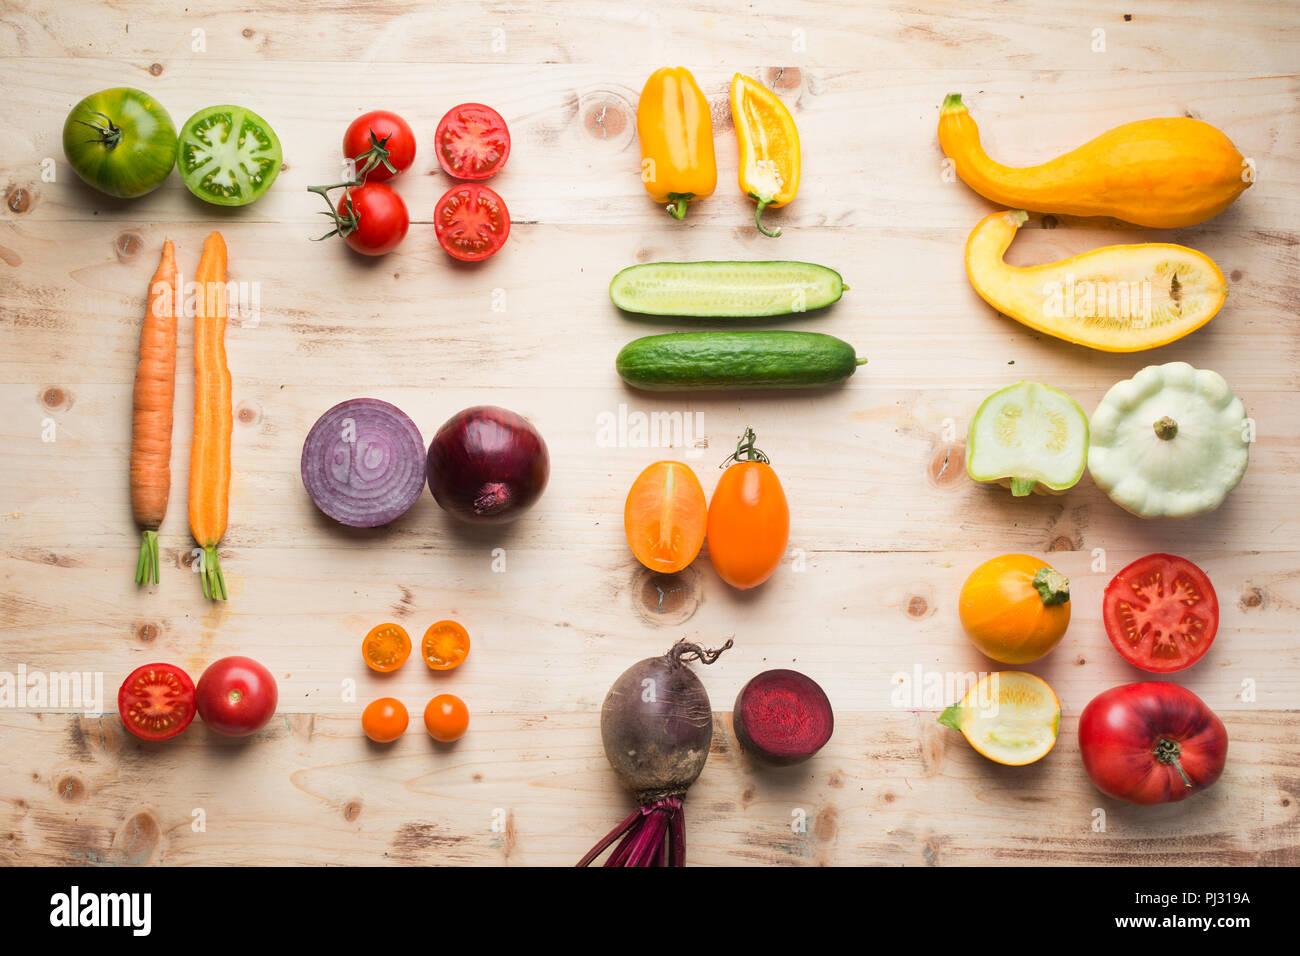 Cocina creativa en una cuadrícula de fondo, selección de coloridos frescos vegetales orgánicos y cortar la pieza entera en madera de pino, vertical de la tabla, vista superior, el enfoque selectivo Imagen De Stock